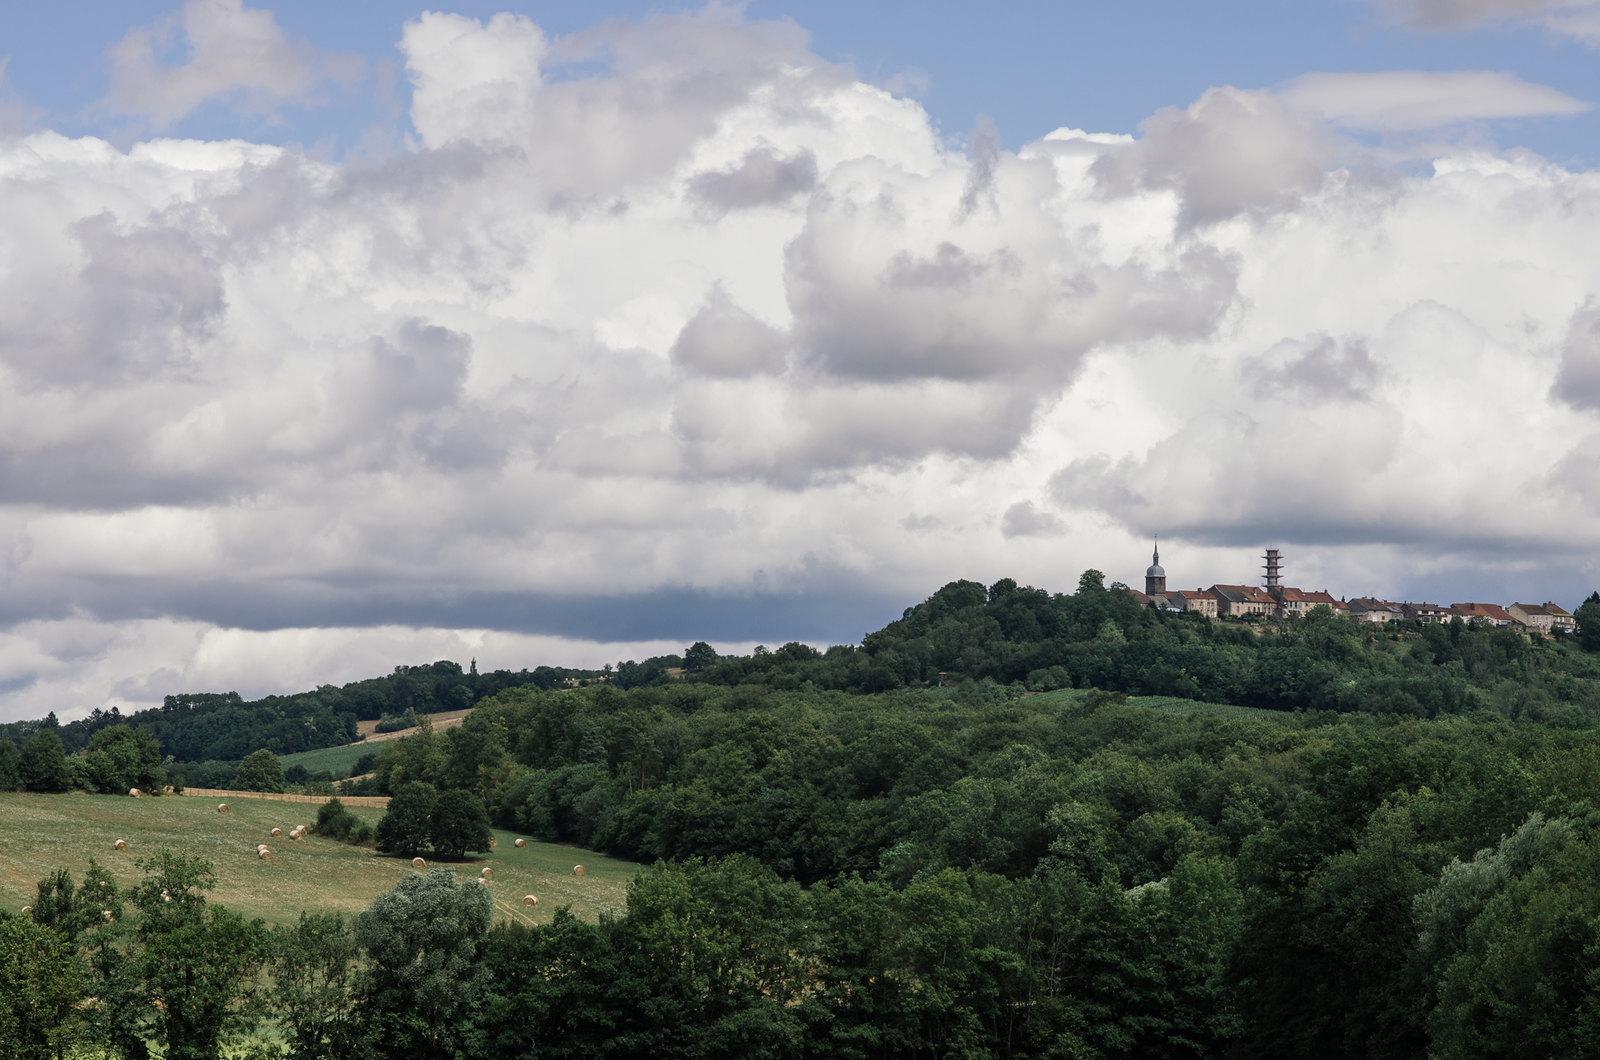 Randonnée sur le GR7, de Langres à Coiffy - Carnet de voyage France